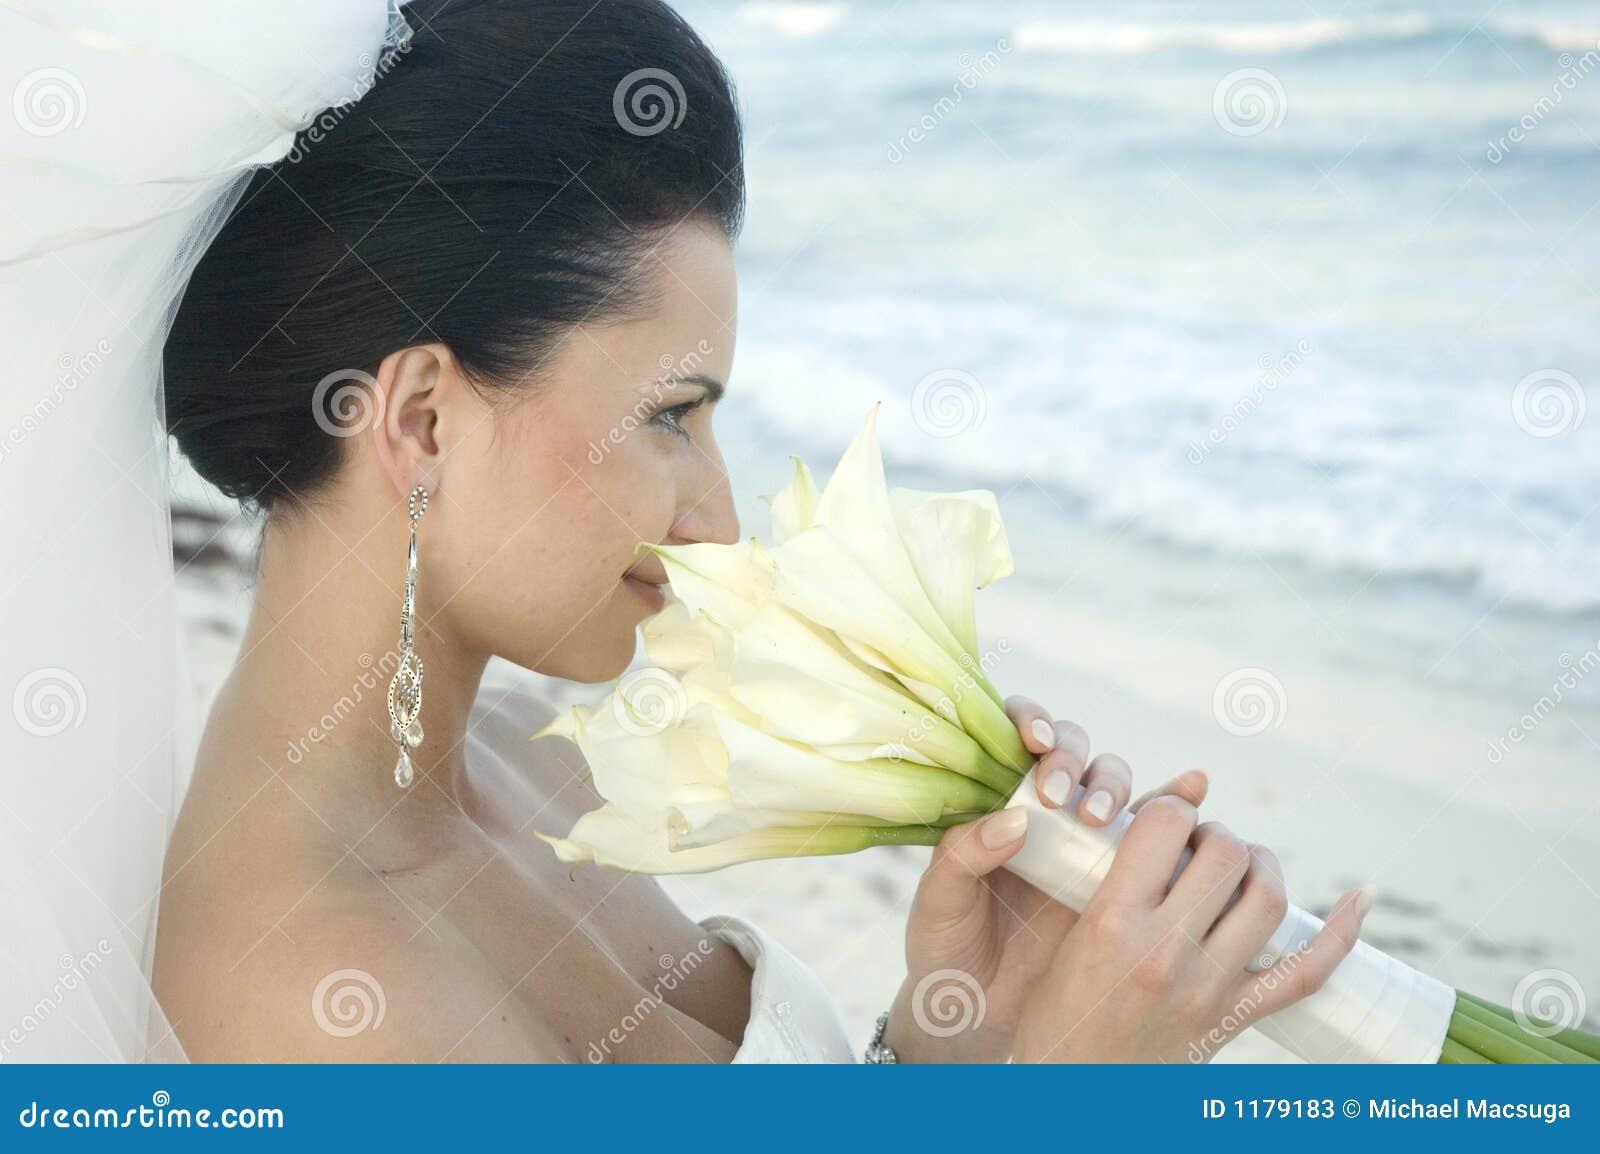 Cerimonia nuziale di spiaggia caraibica - sposa con il mazzo